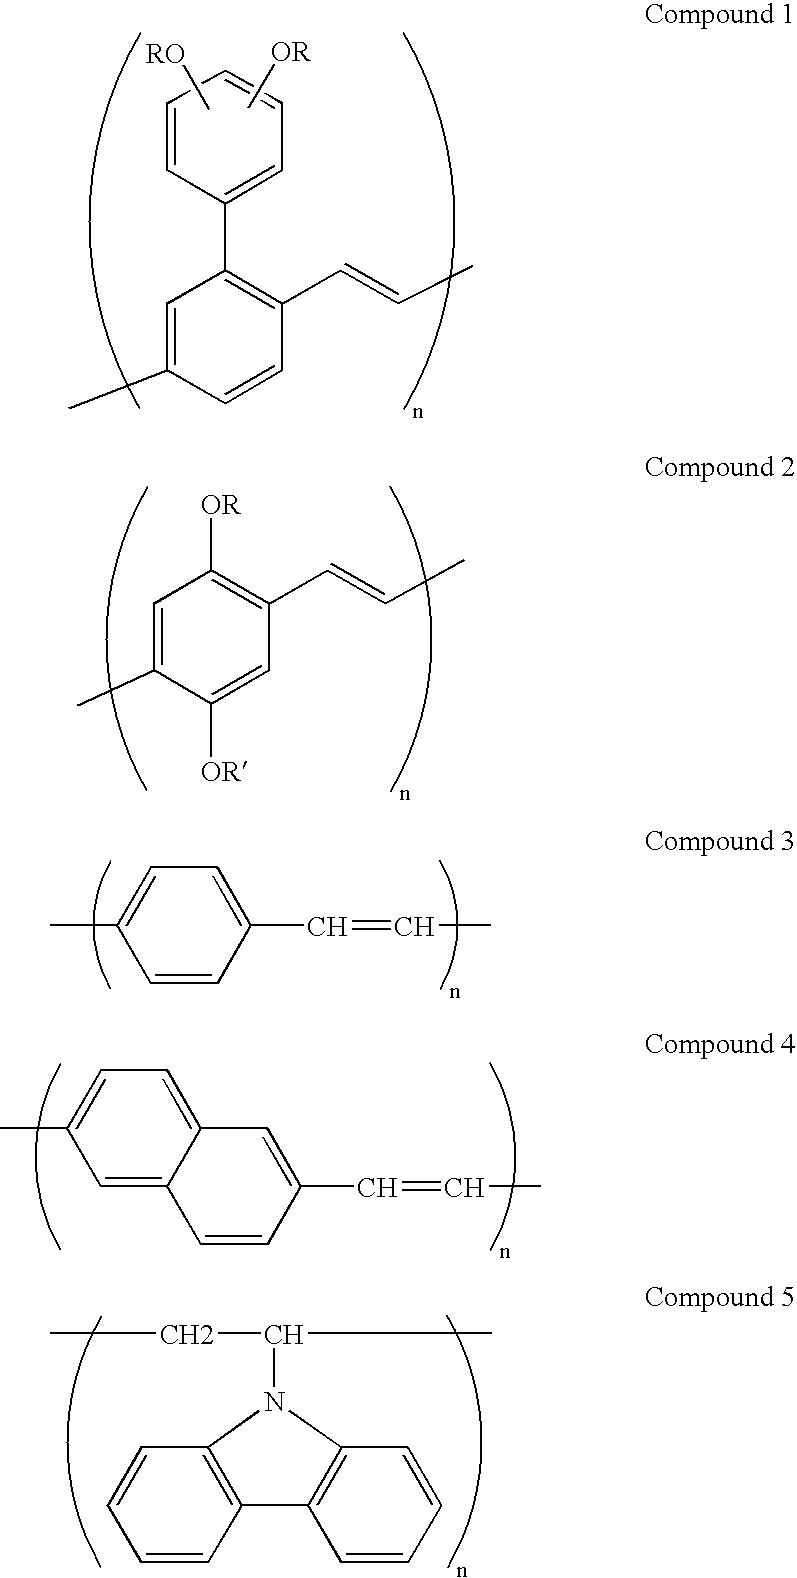 Figure US20050012445A1-20050120-C00001